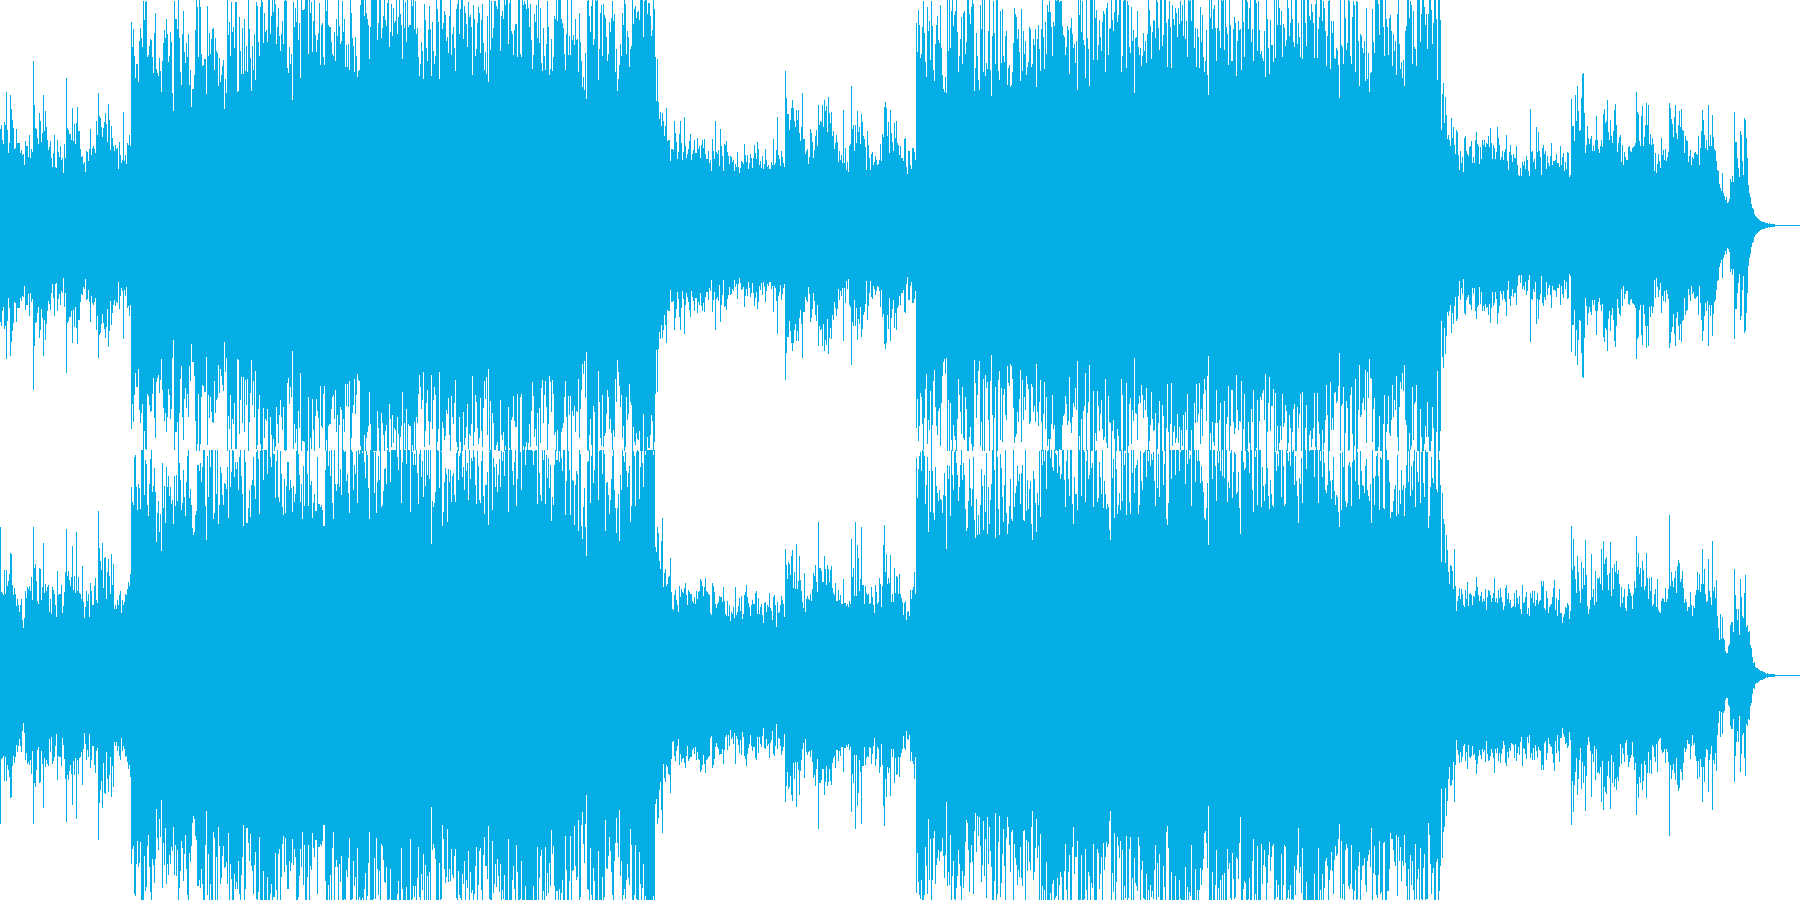 エレクトロなビート 激しい曲の再生済みの波形